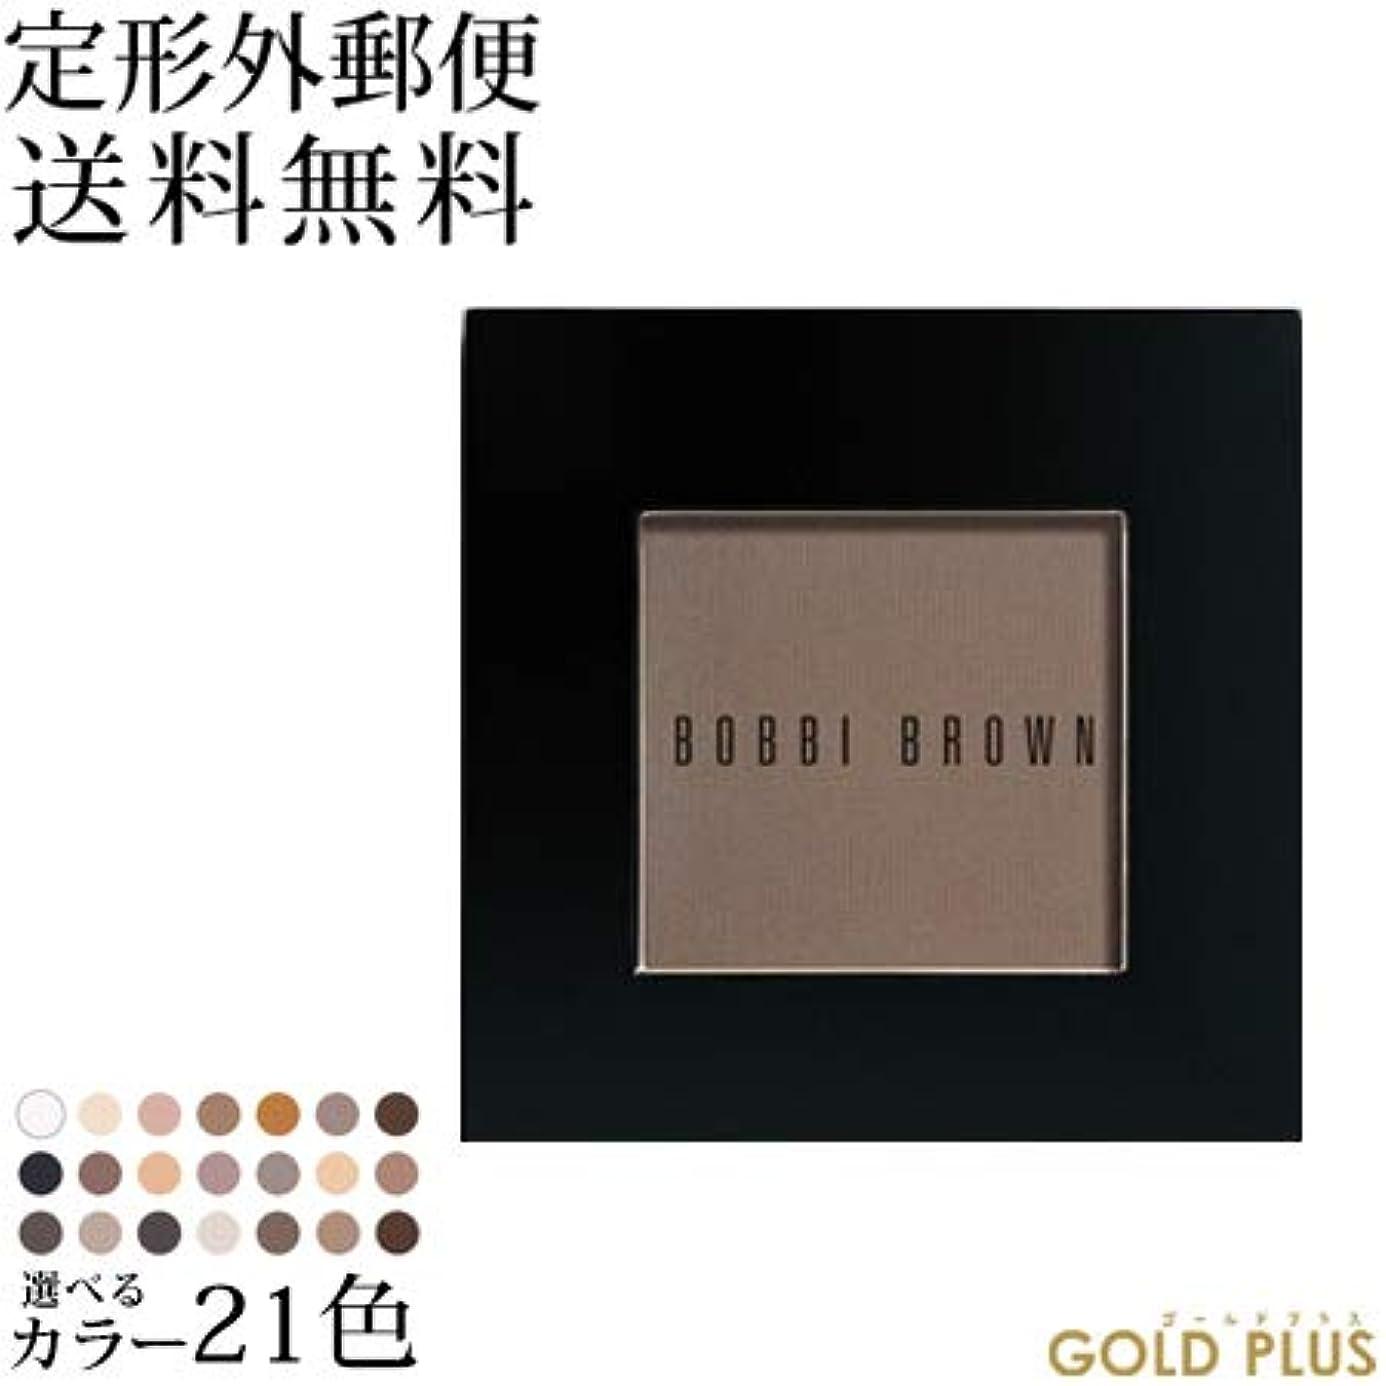 職業技術者近々ボビイブラウン アイシャドウ 選べる全21色 -BOBBI BROWN- ココア